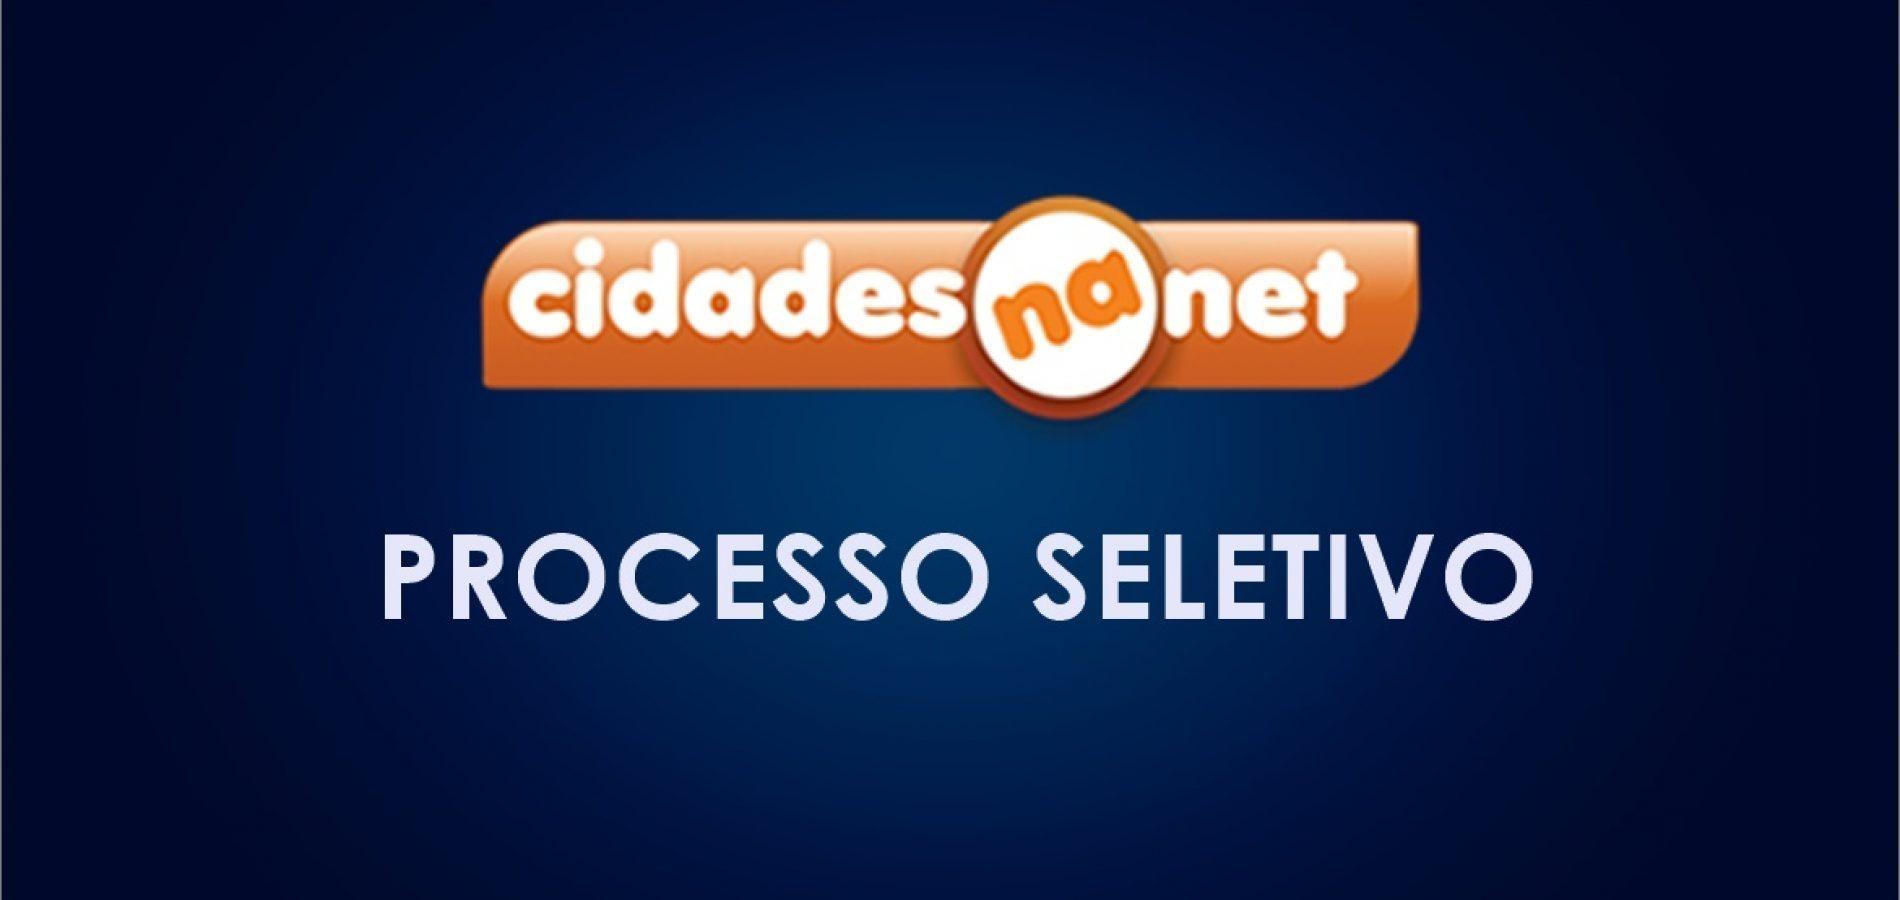 Prefeitura de Paulistana divulga edital de seletivo com 61 vagas e salário de até R$ 8.500